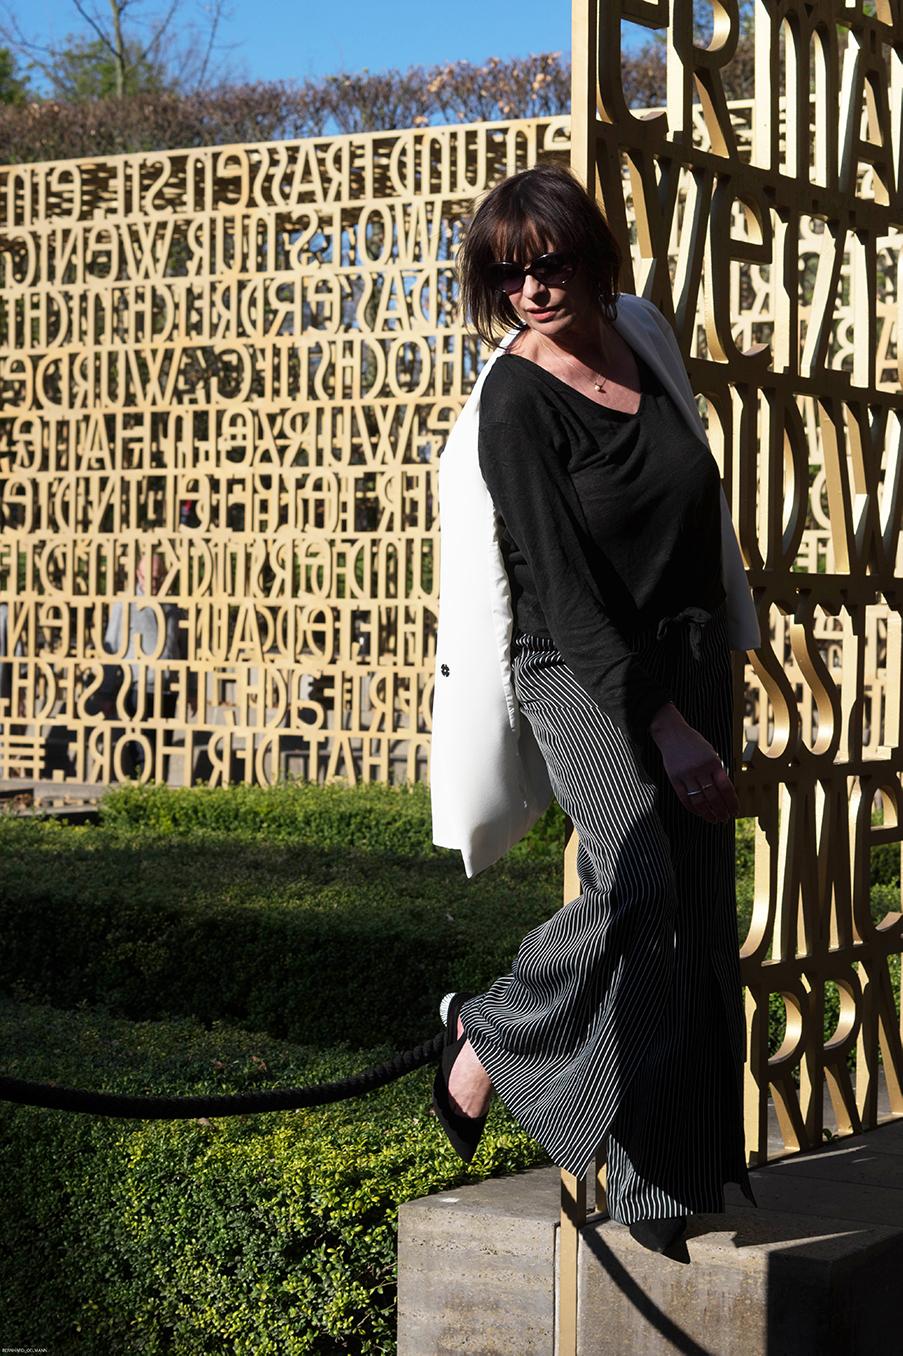 Just-take-a-look Berlin - Perfekt - ich bin nicht perfekt - Gärten der Welt Outfit 2-4.1